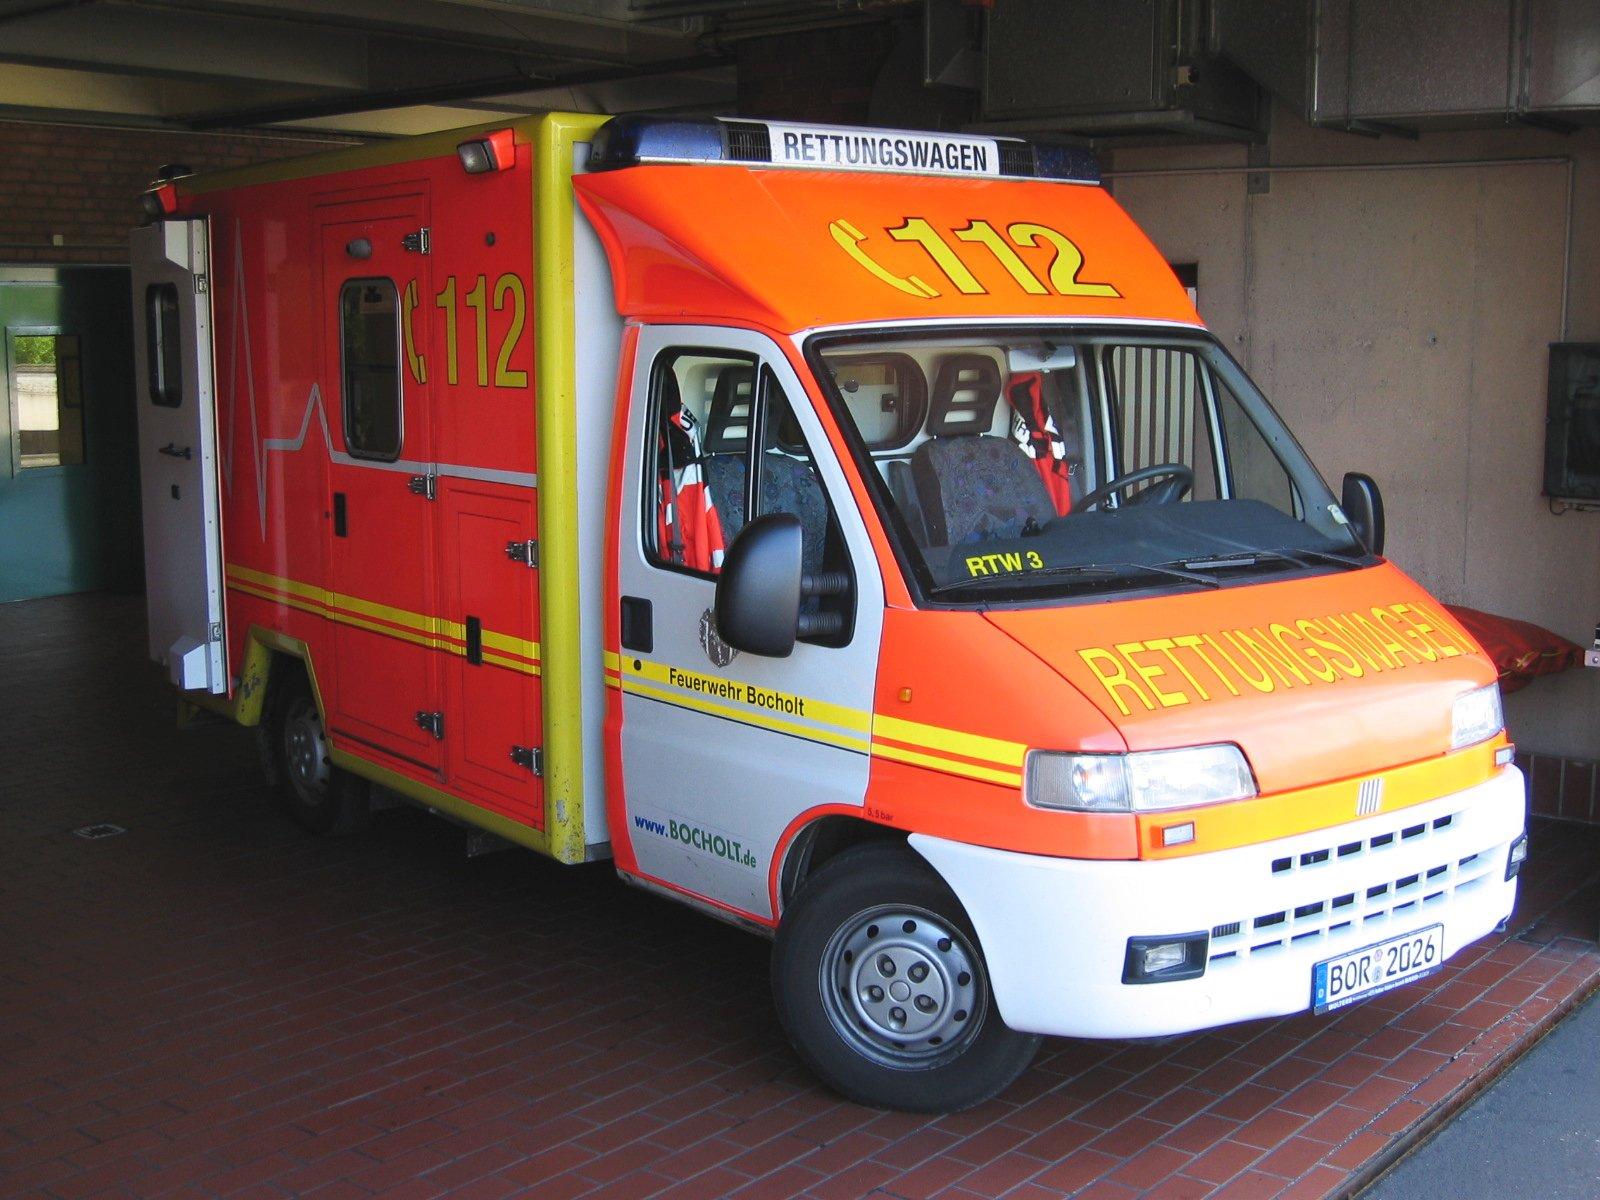 112 служба экстренной помощи